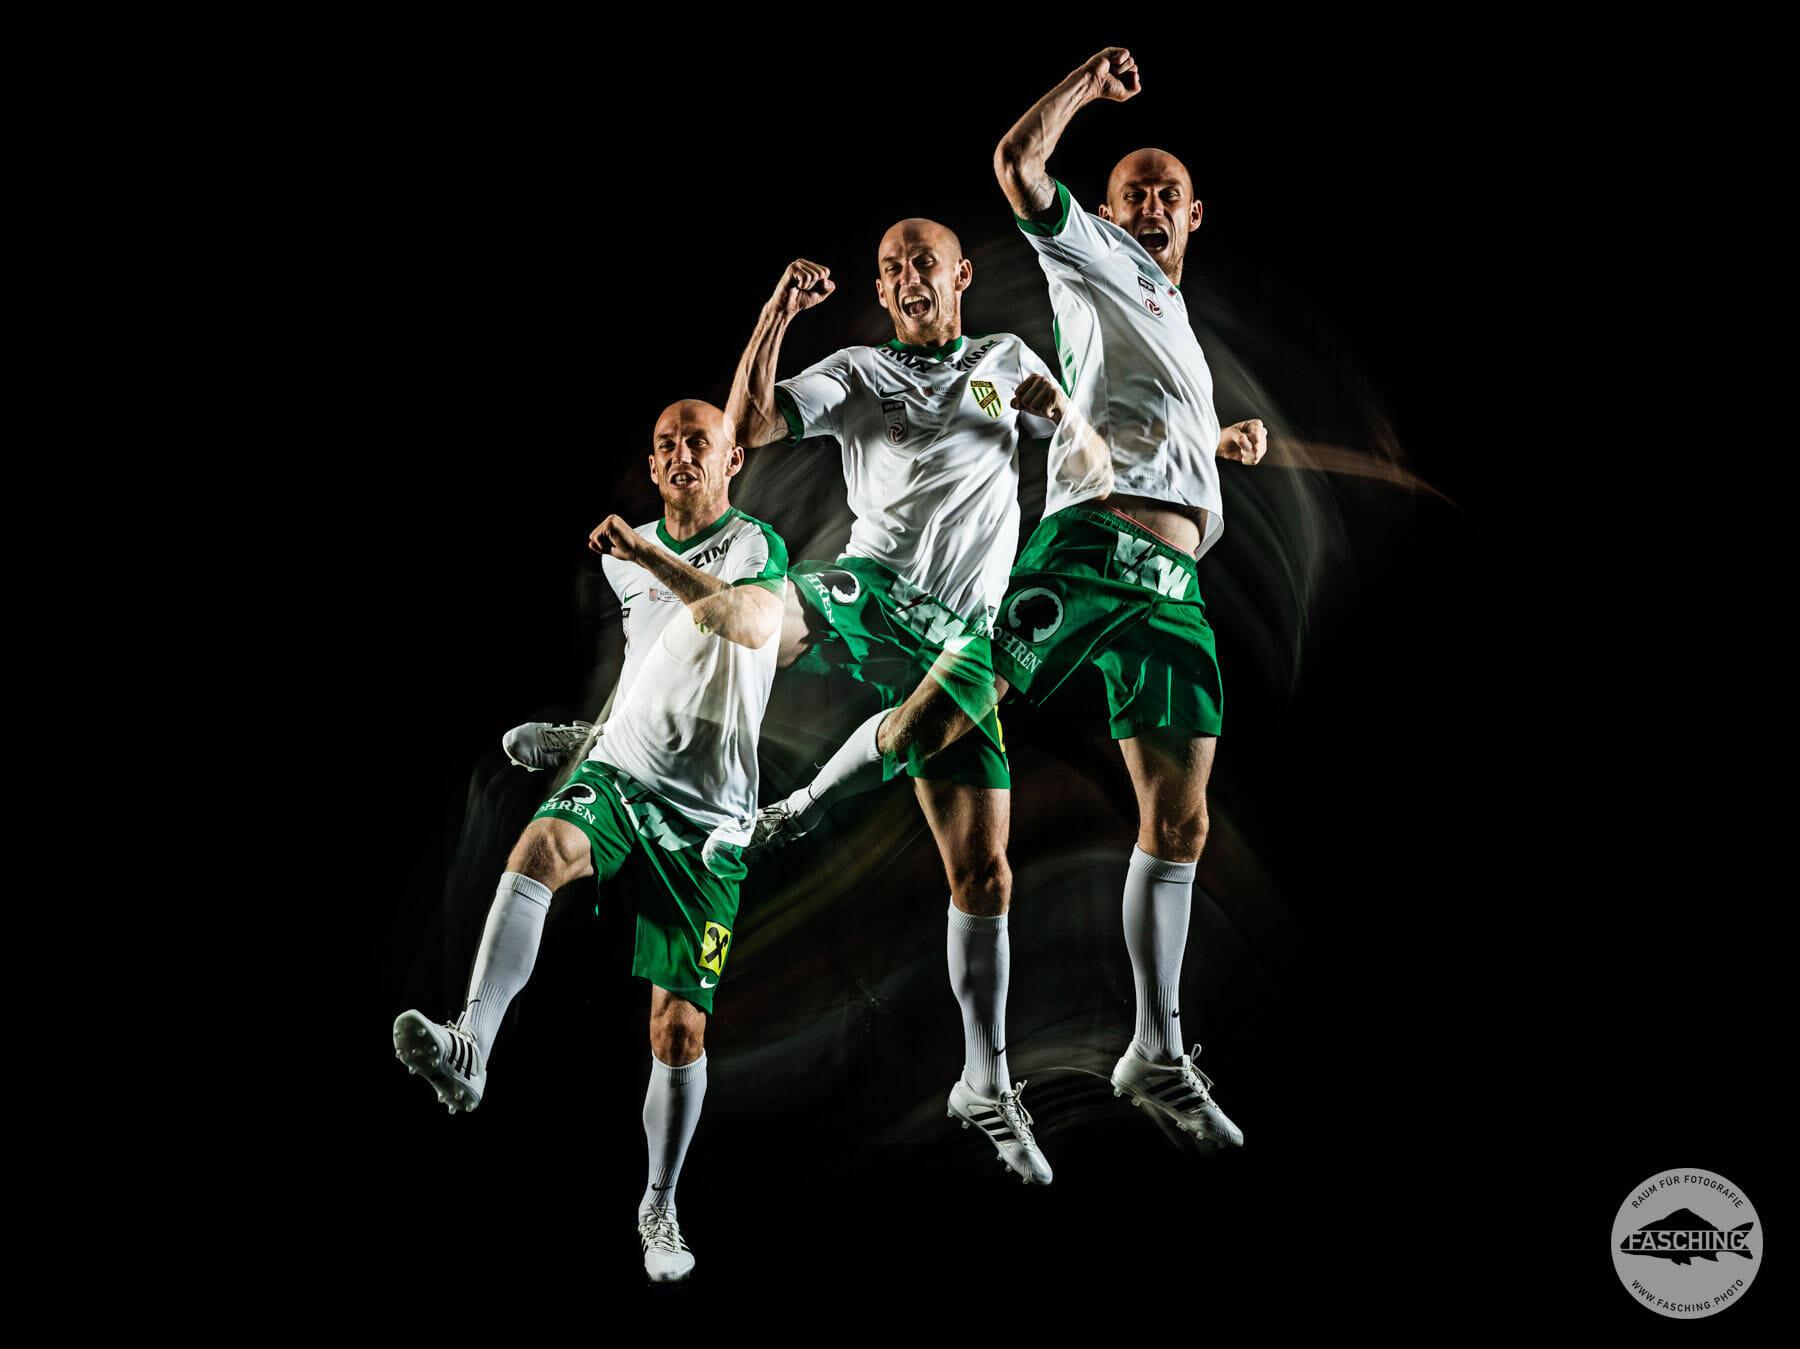 Luca Fasching fotografiert die Autogrammkarten und Mannschaftsbilder für den SC Austria Lustenau